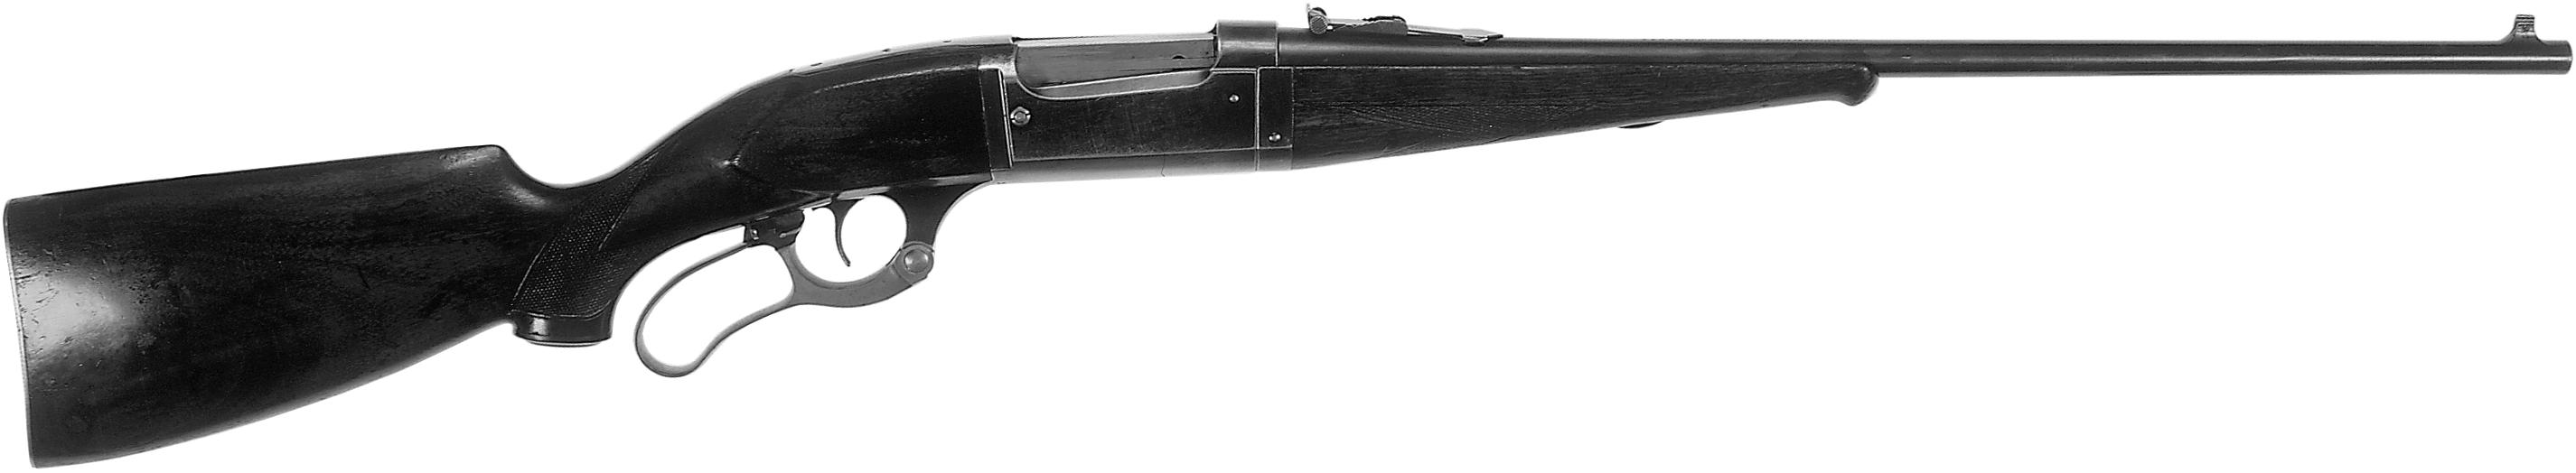 Model 99-G Deluxe Takedown Pistol Grip Rifle